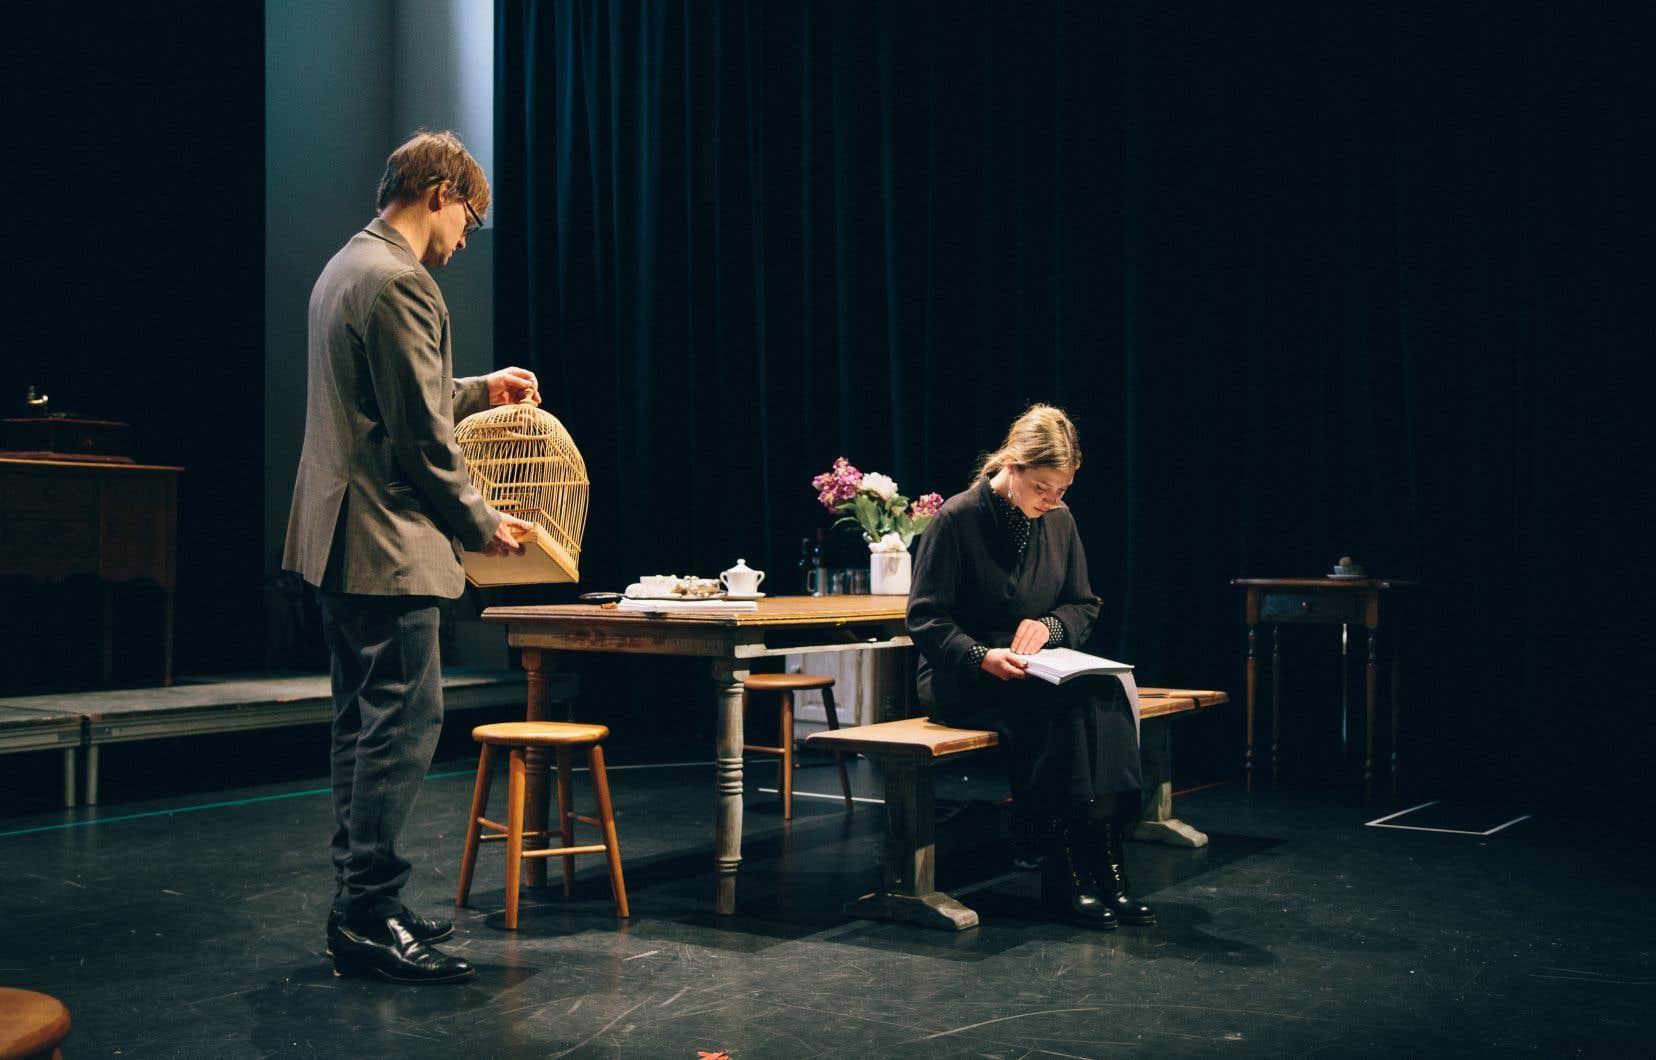 Une scène de«Mademoiselle Julie» que les amateurs pourront entendre, même si l'accès au théâtre n'est plus possible.